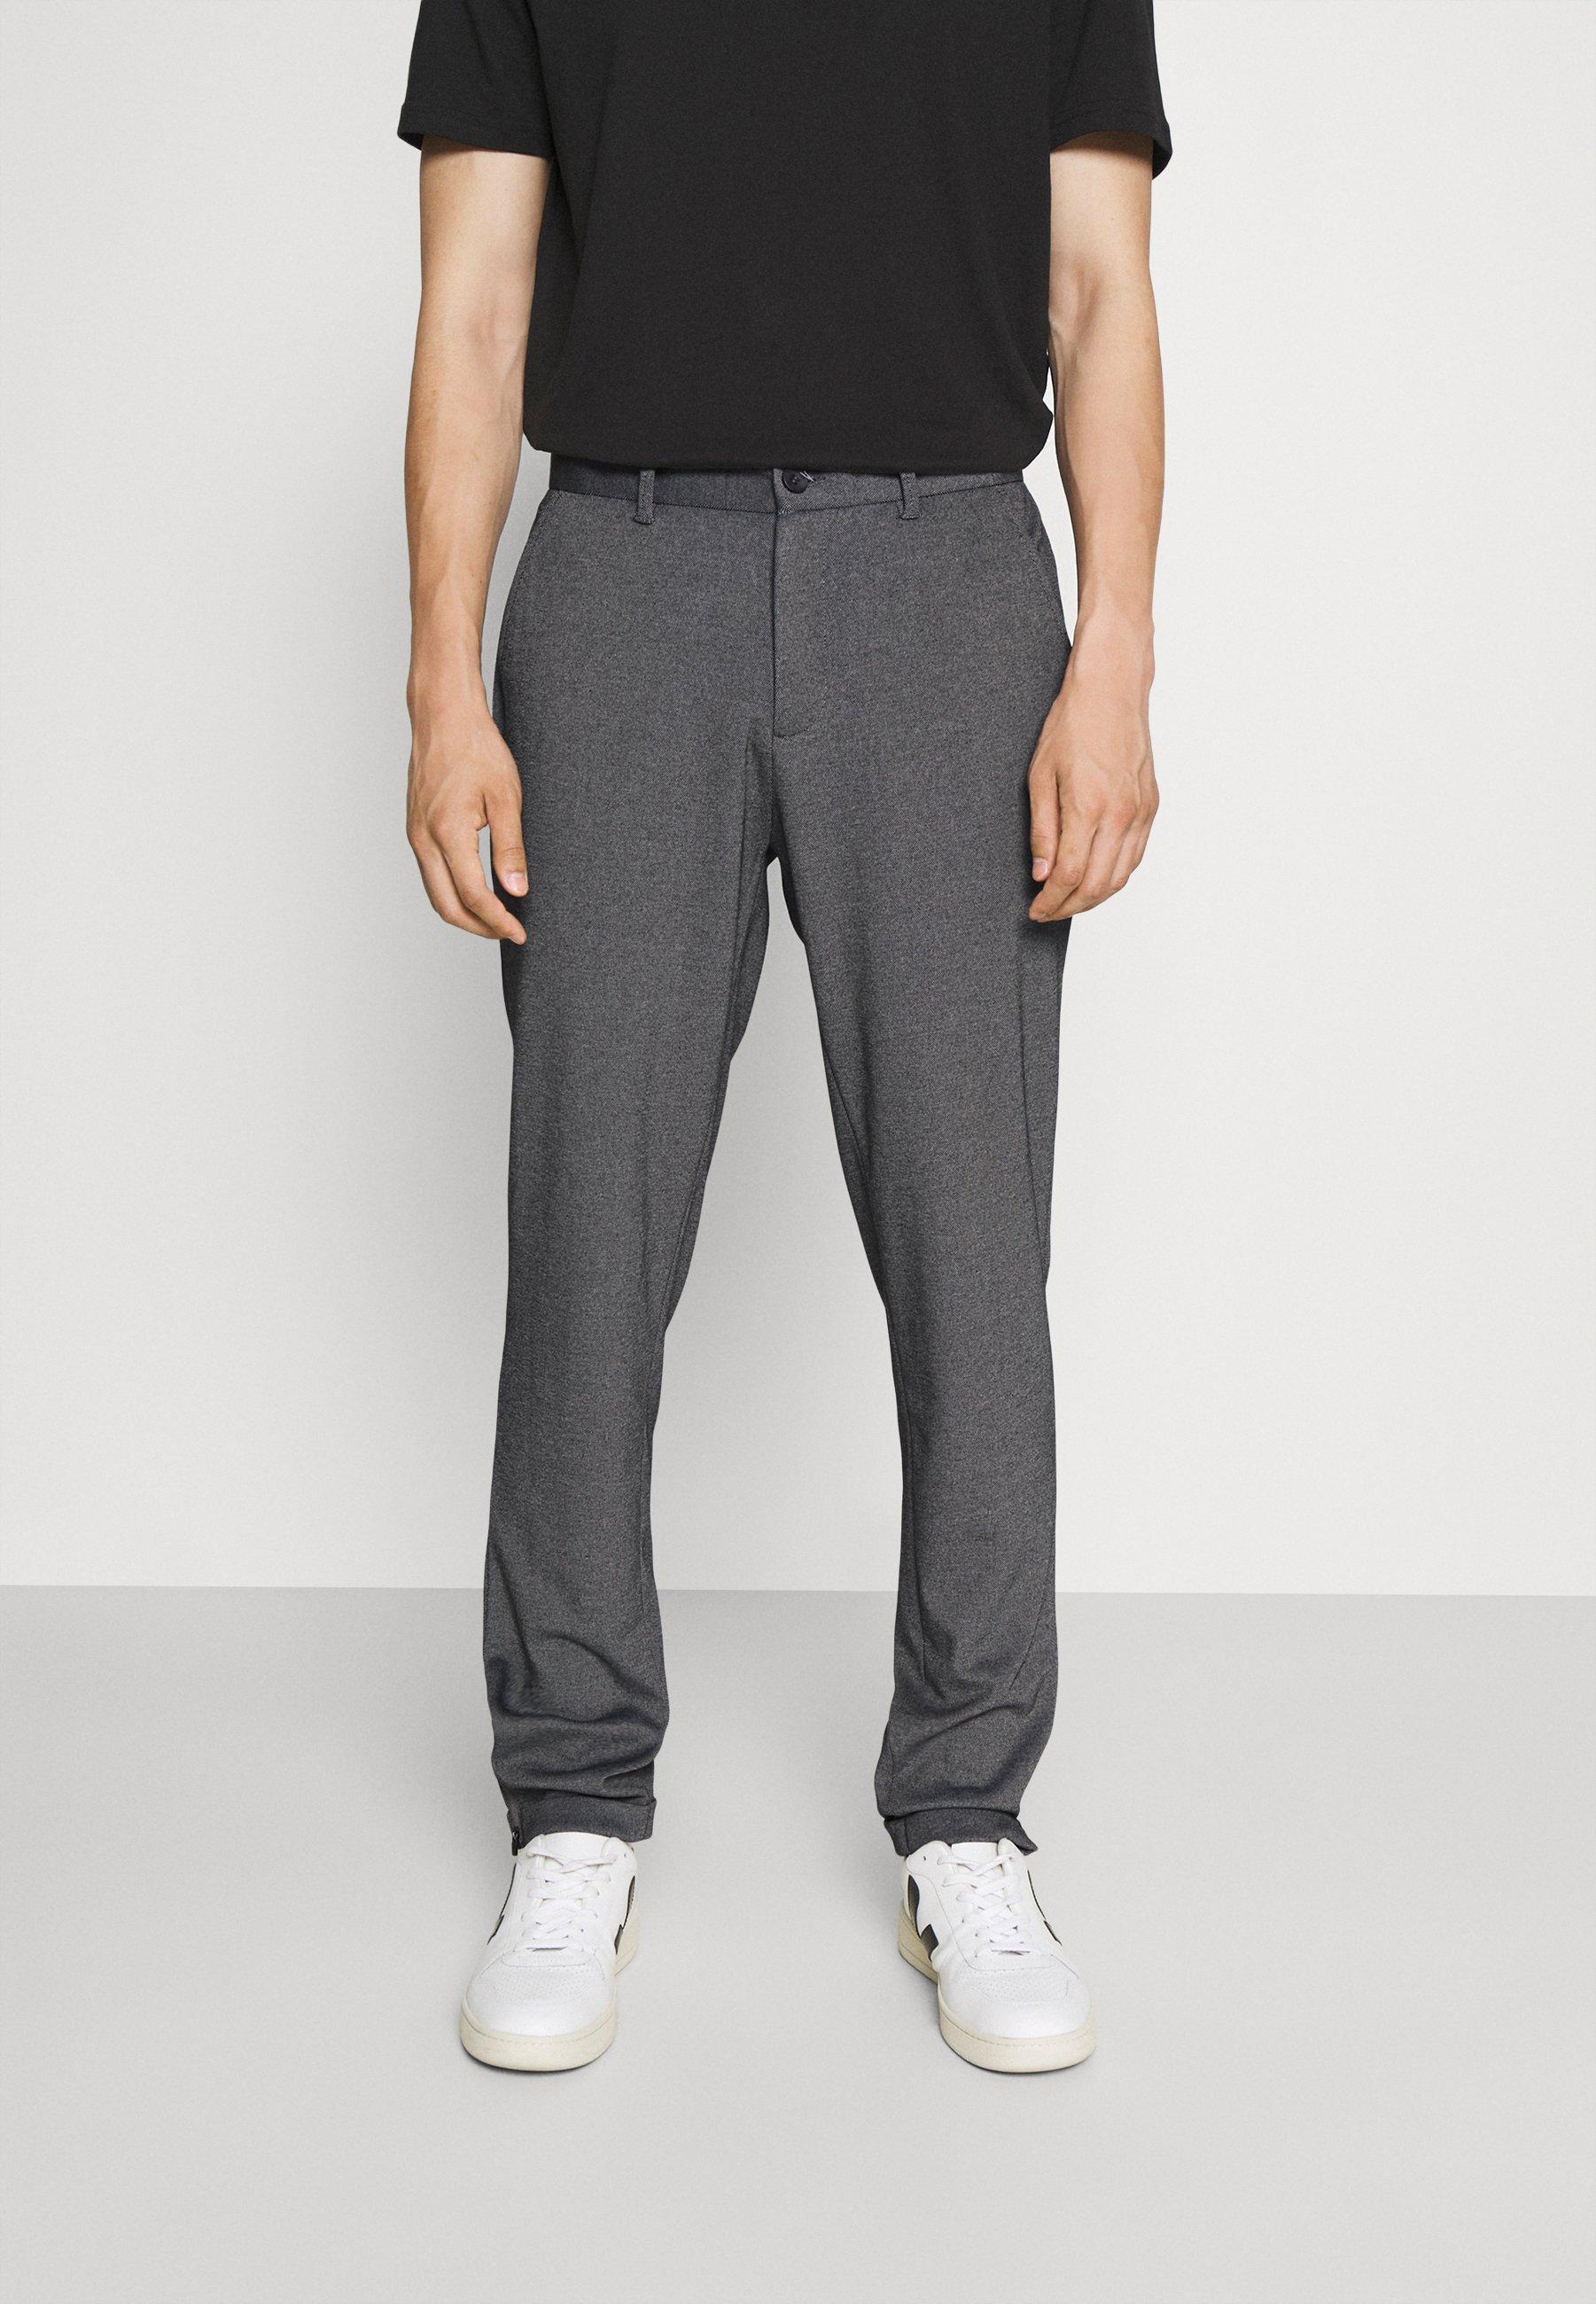 Homme PORTMANN ZIPPER PANTS - Pantalon classique